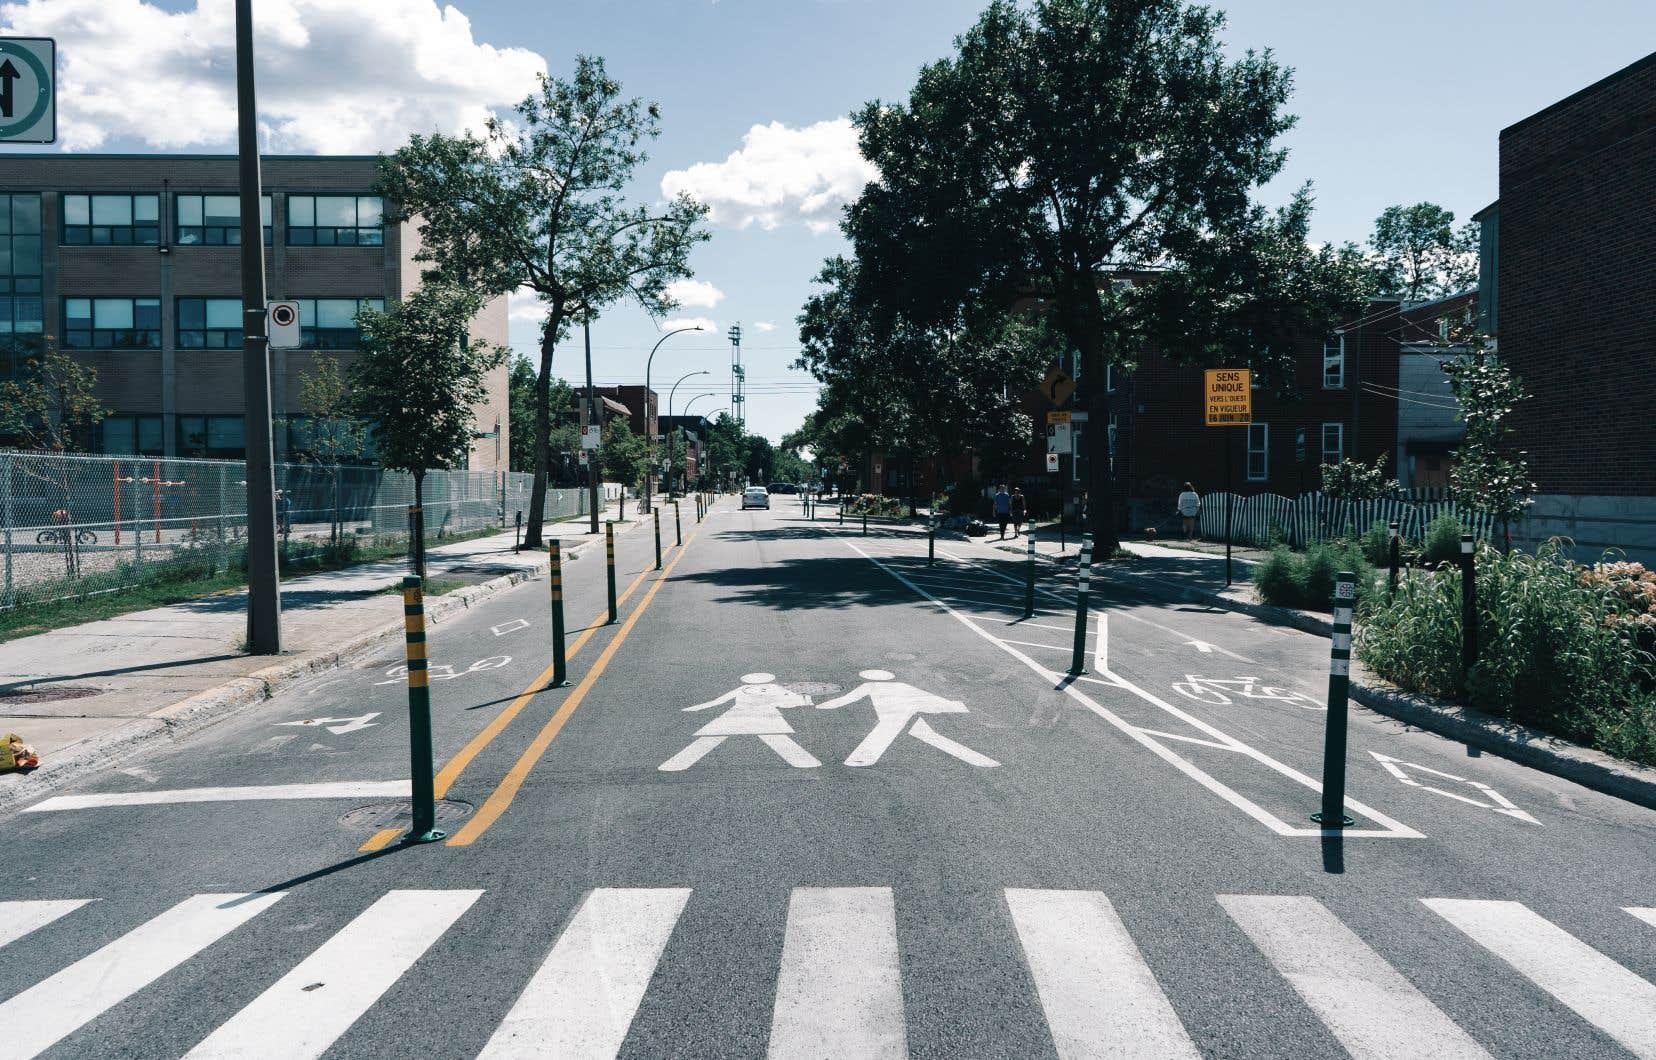 Deux voies cyclistes se retrouvent de chaque côté de la rue de Bellechasse. Elles sont beaucoup plus larges pour permettre des dépassements sécuritaires et sont désormais séparées des automobiles par l'ajout de bornes de protection.